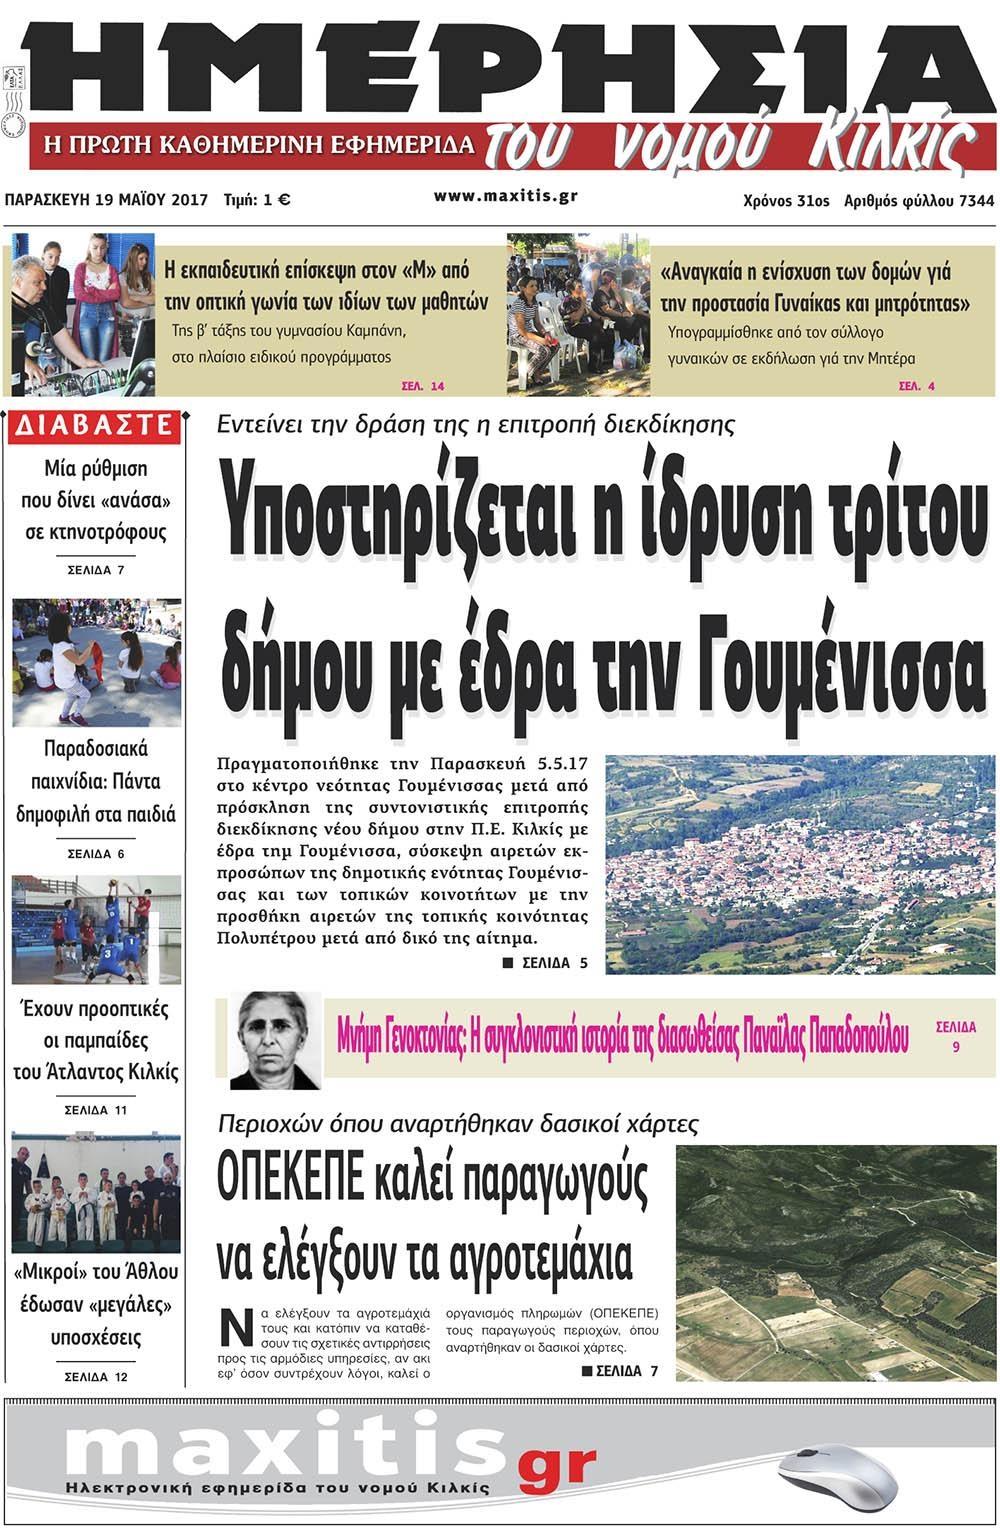 Πρωτοσέλιδο εφημερίδας Ημερησία Κιλκίς